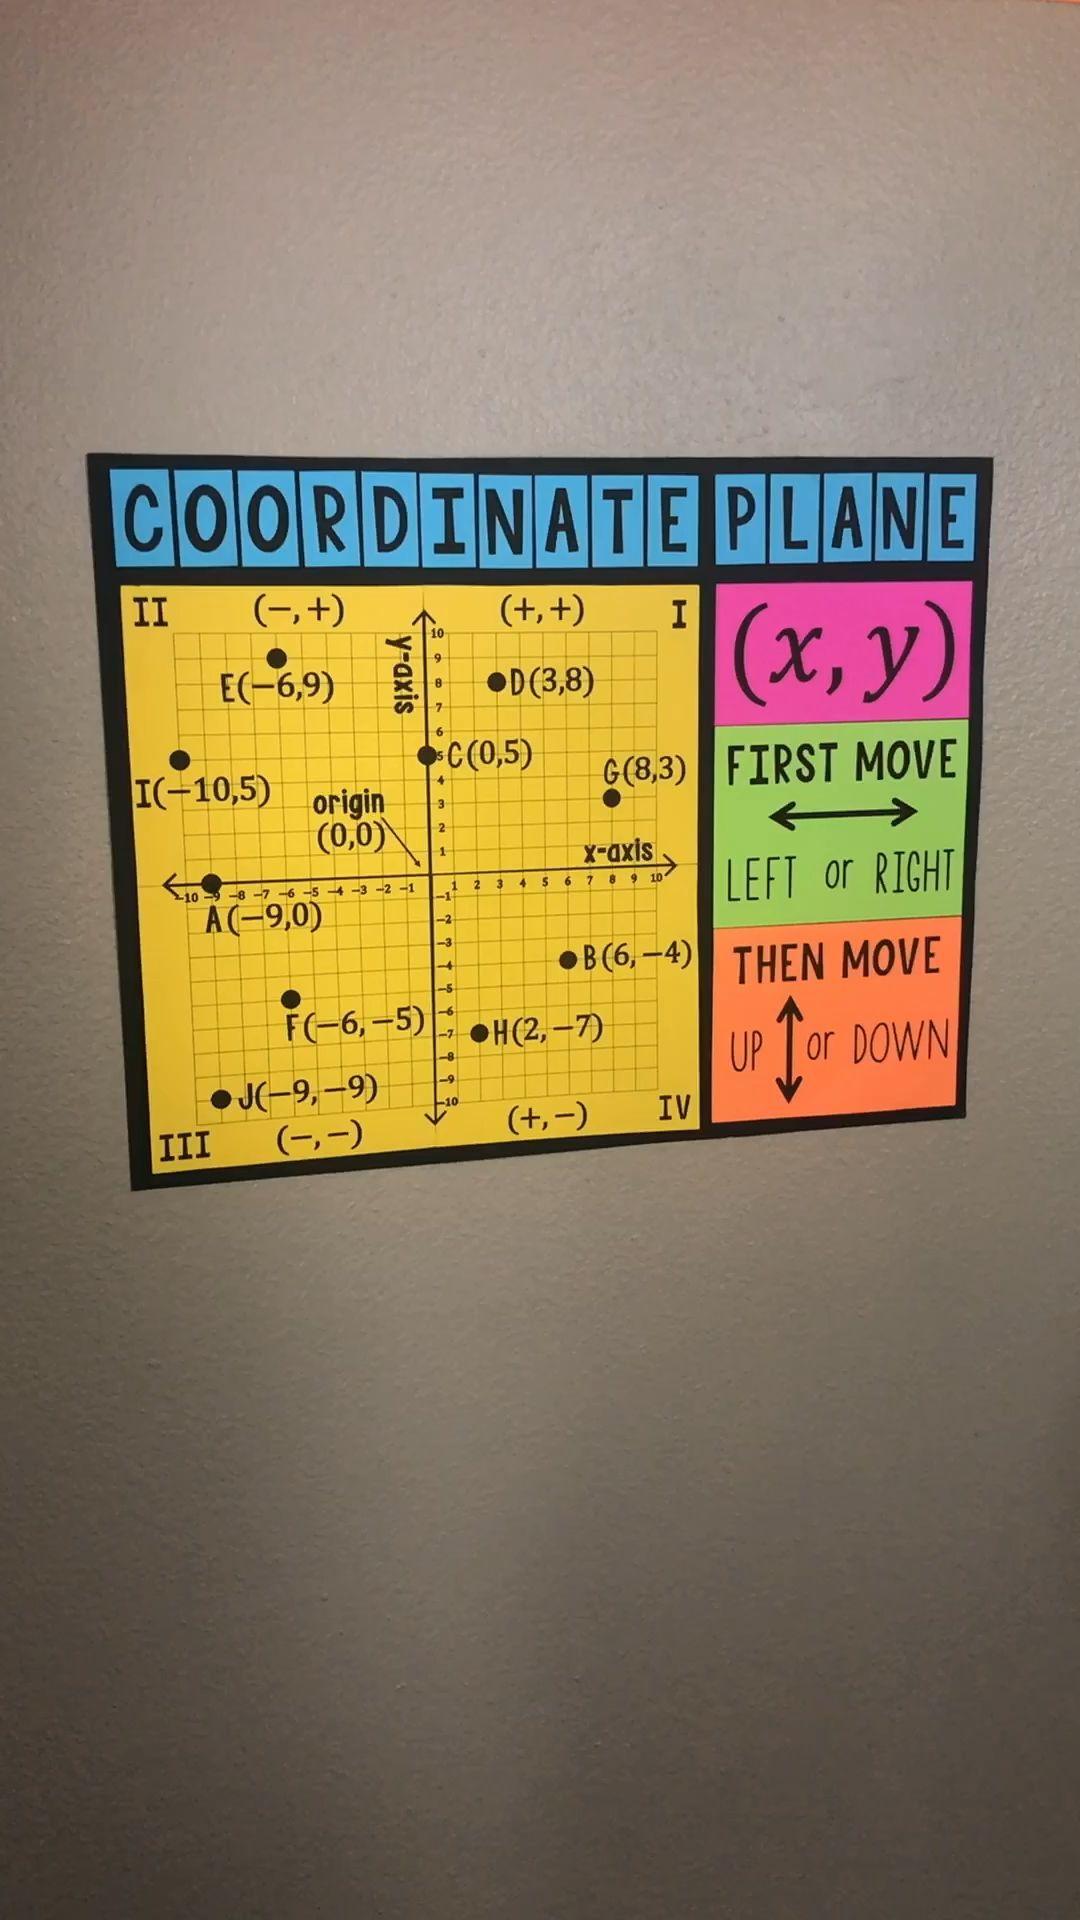 4 Quadrant Coordinate Plane Bulletin Board Poster